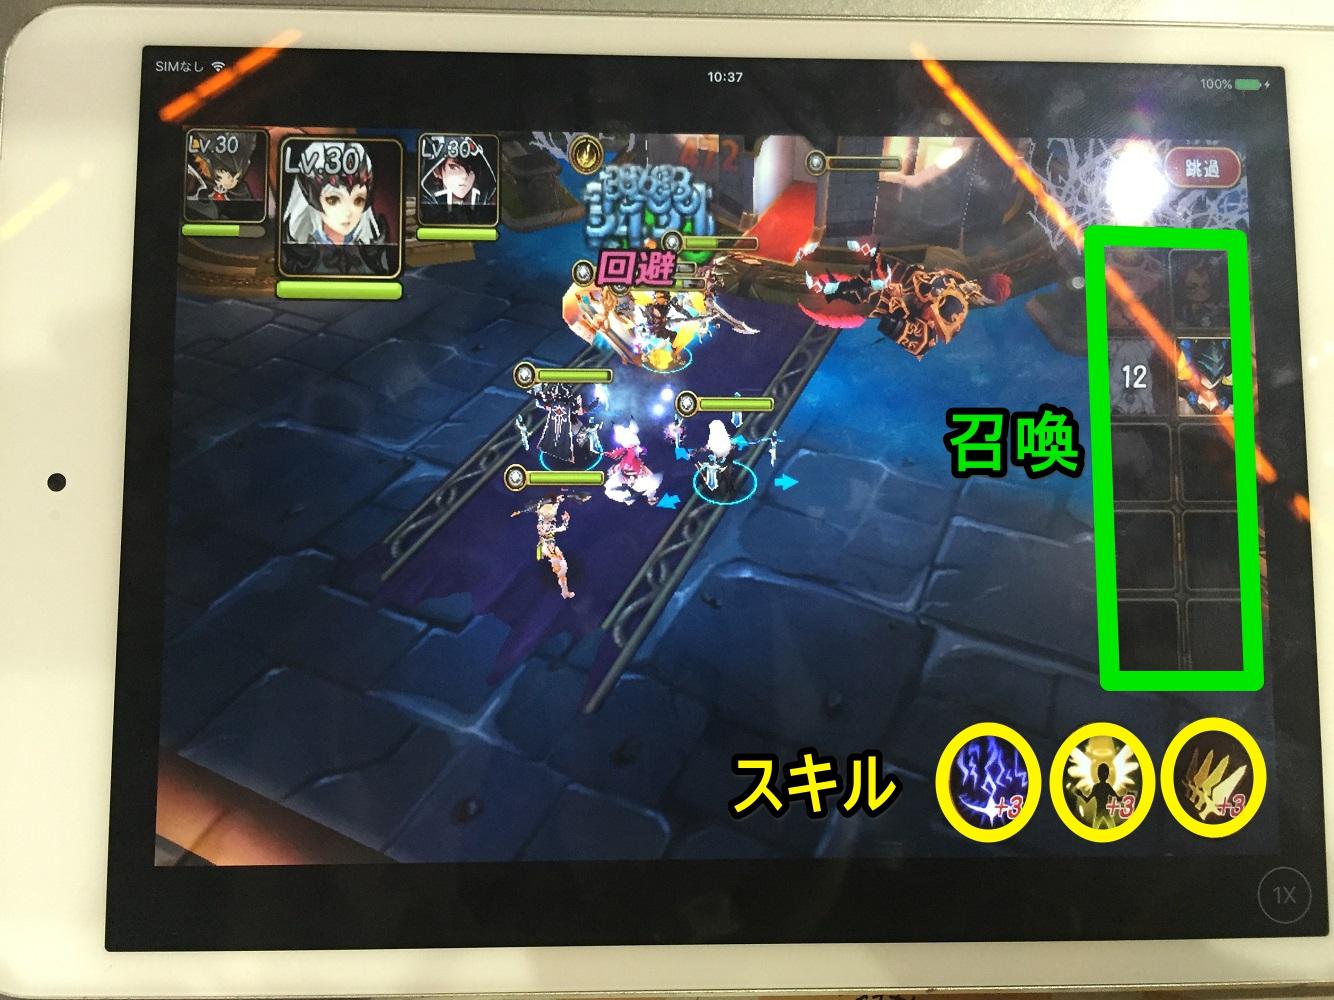 戦略的要素の強いアクションRPG!『ヒーローズキングダム』をプレイ【TGS2016】